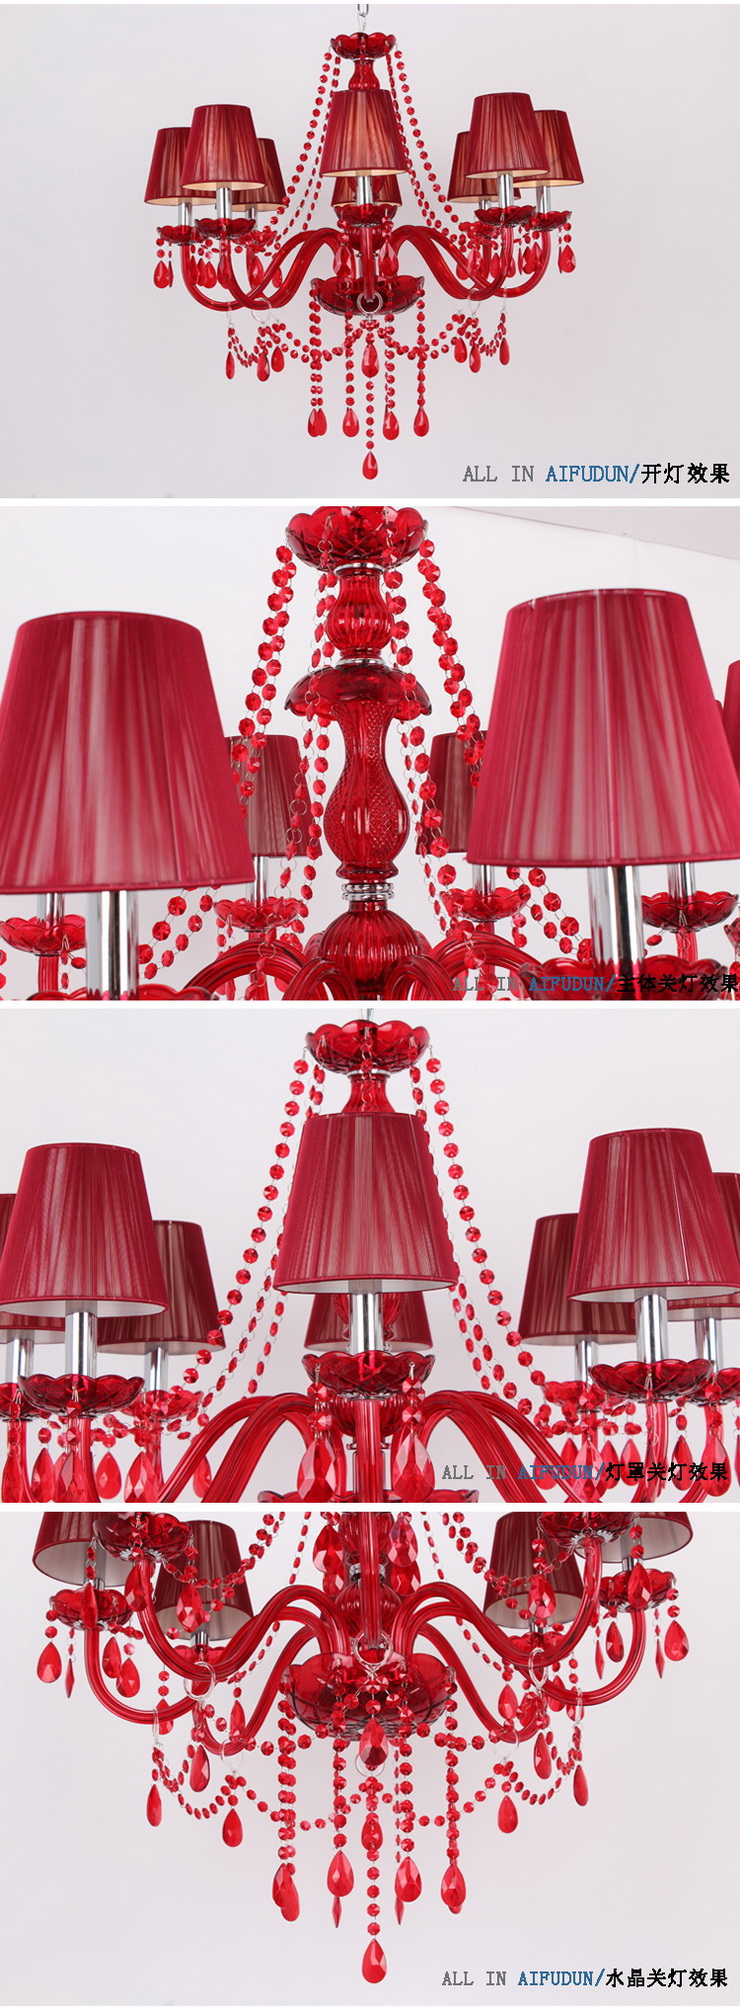 欧式婚庆高档红色水晶灯